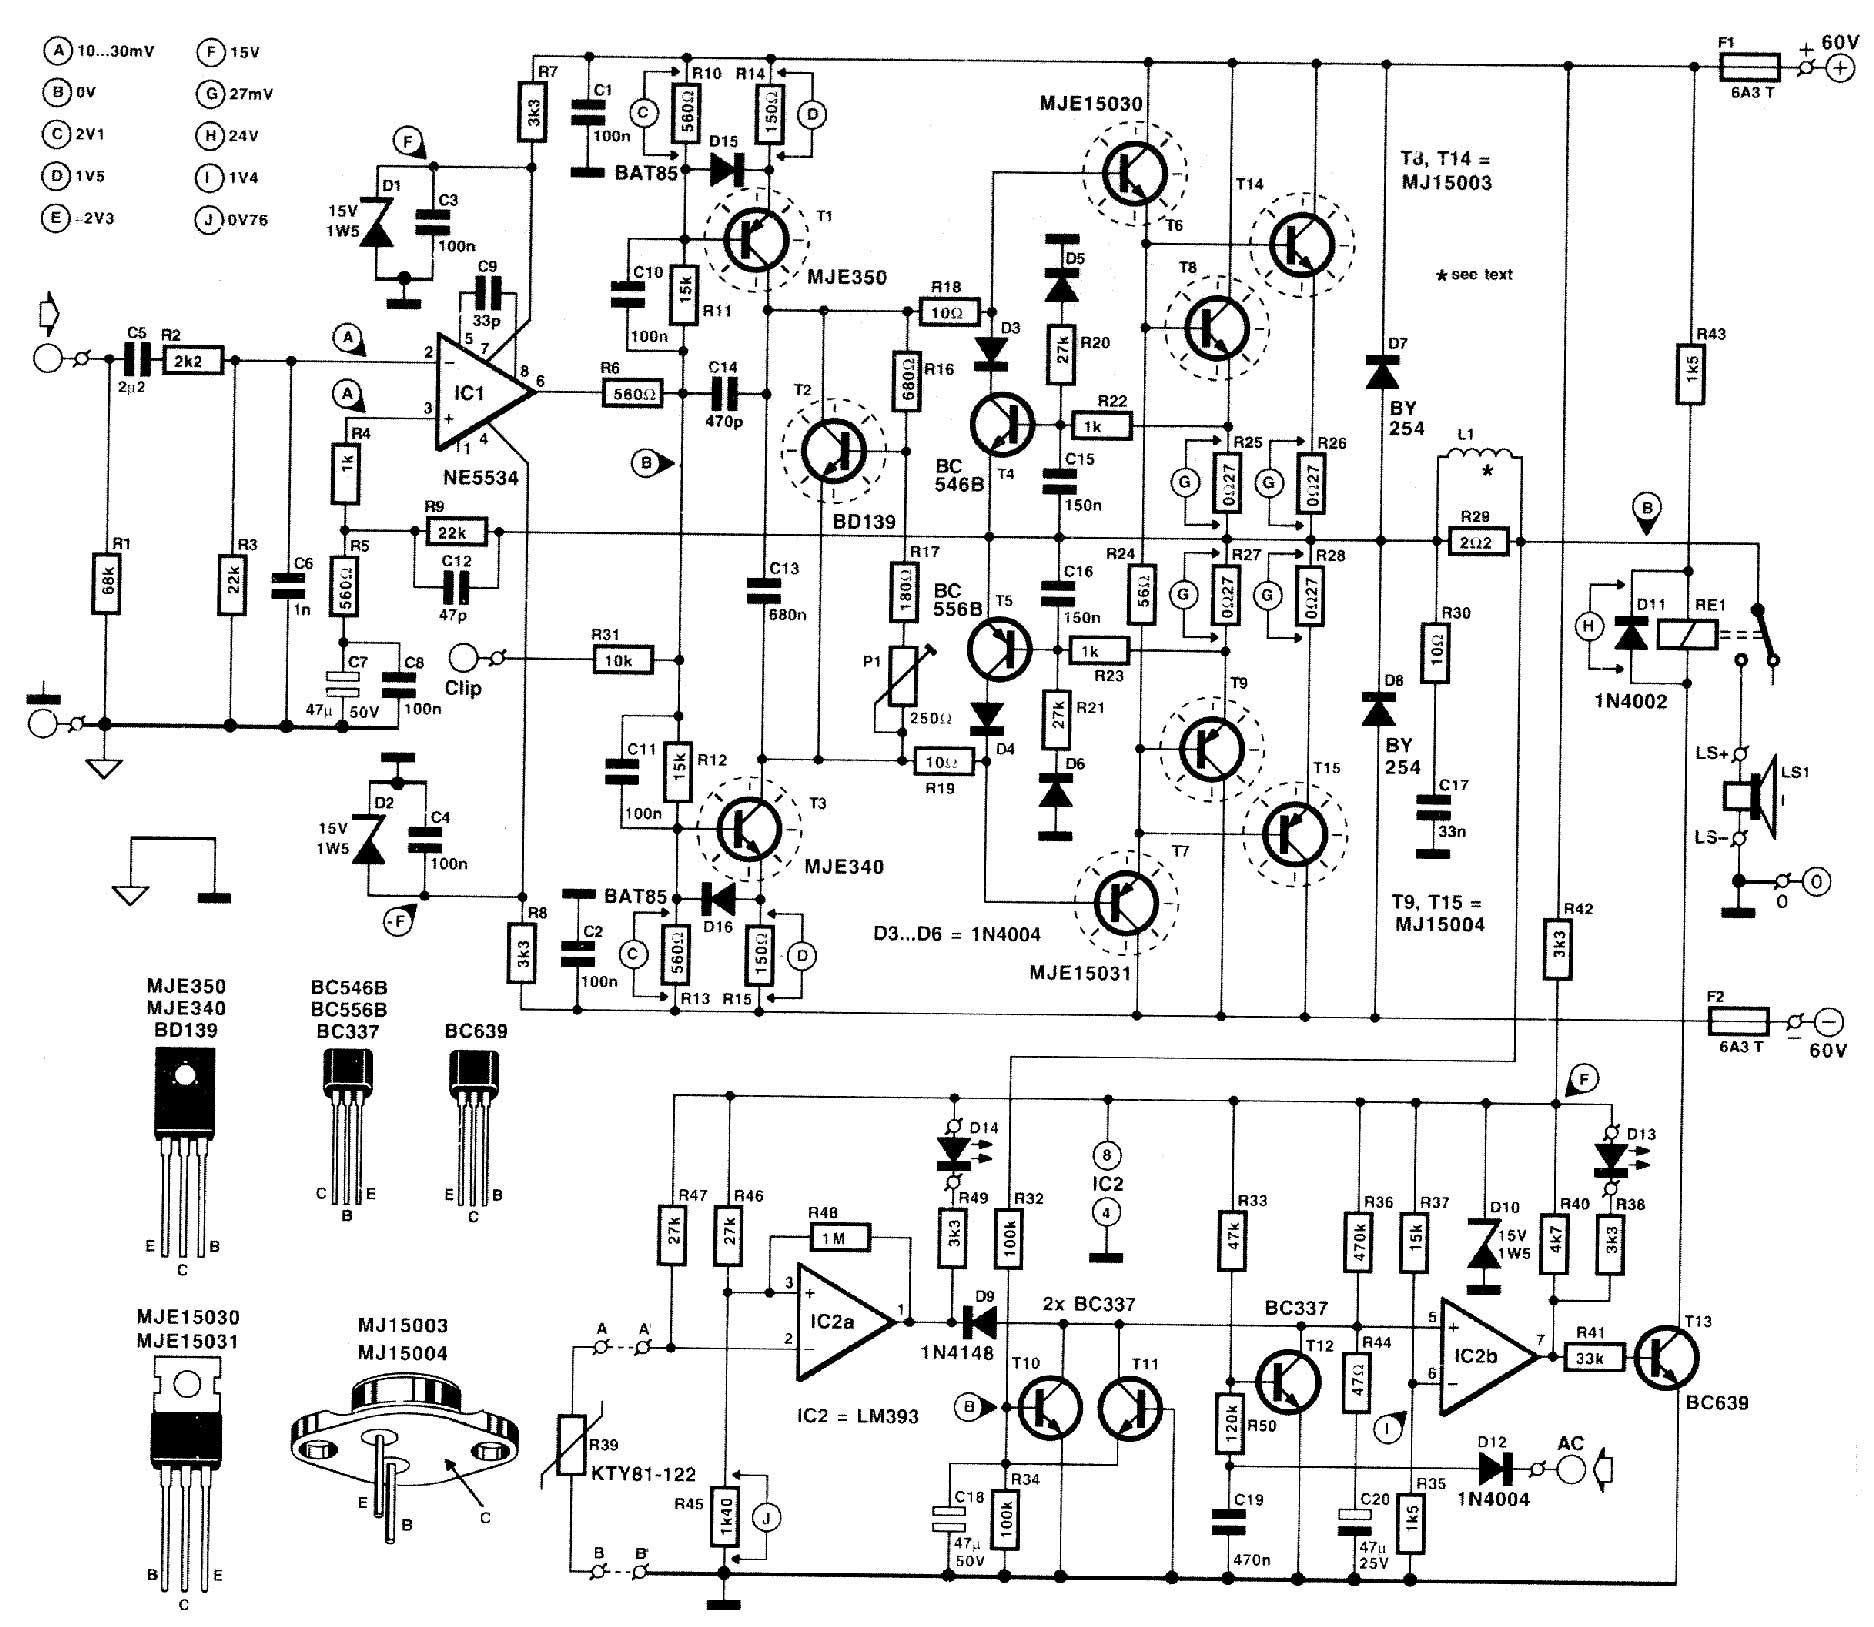 Microeduc Projetos De Circuitos Eletronicos Didaticos